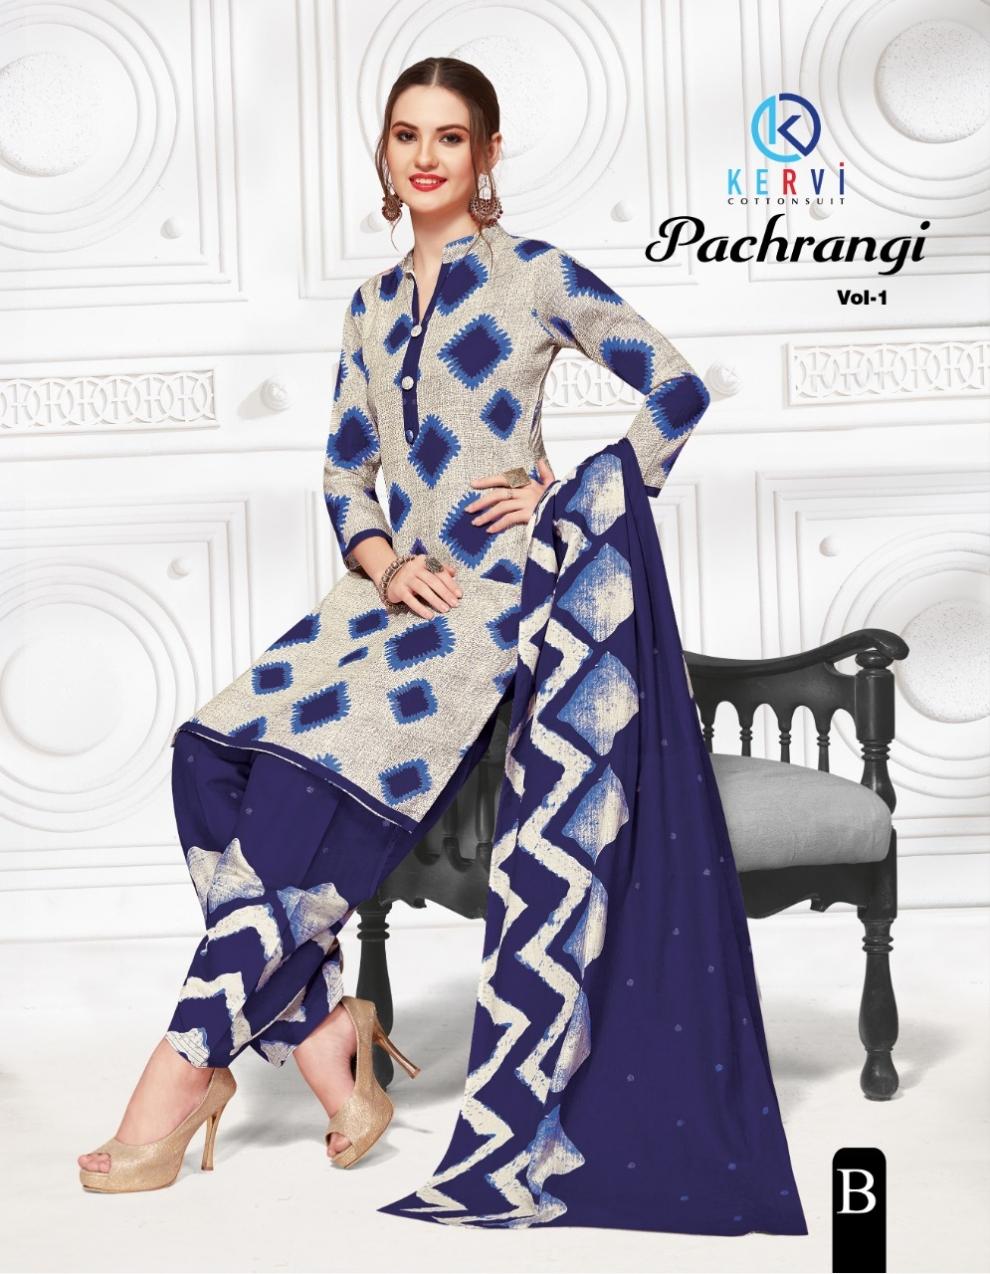 Kervi Pari Pachrangi (6)